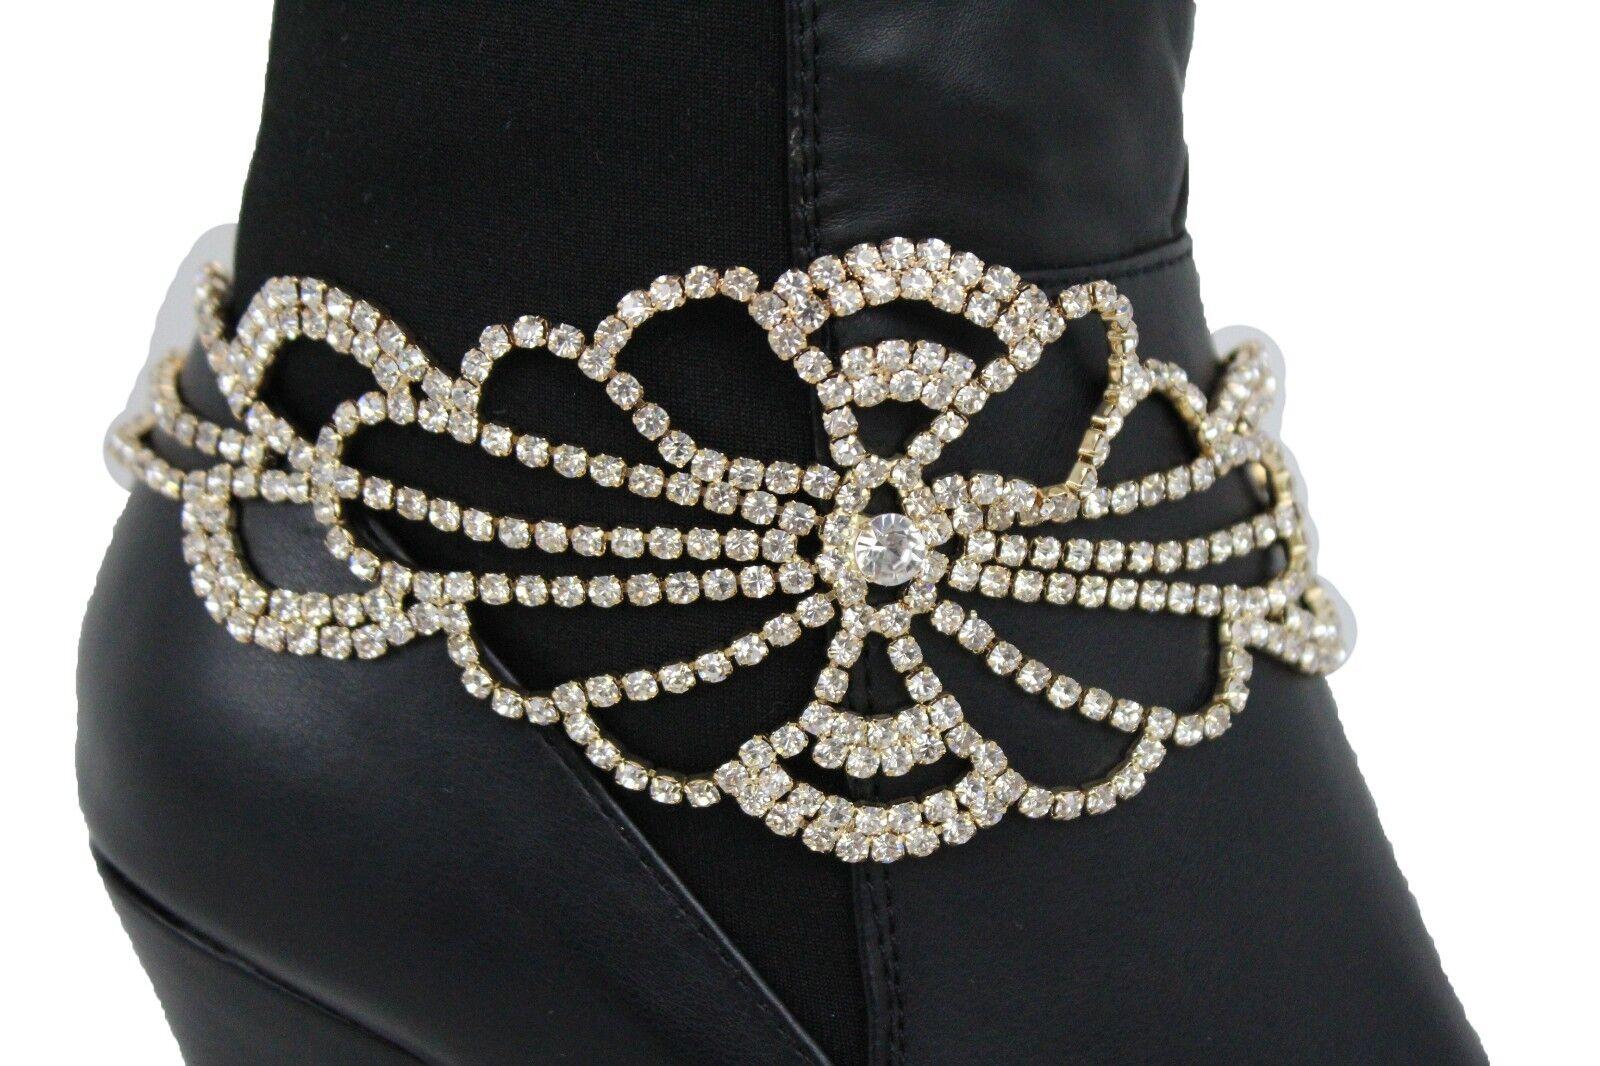 Sexy Women Gold Chain Boot Bracelet Anklet Heel Shoe Fancy Flower Charm Jewelry